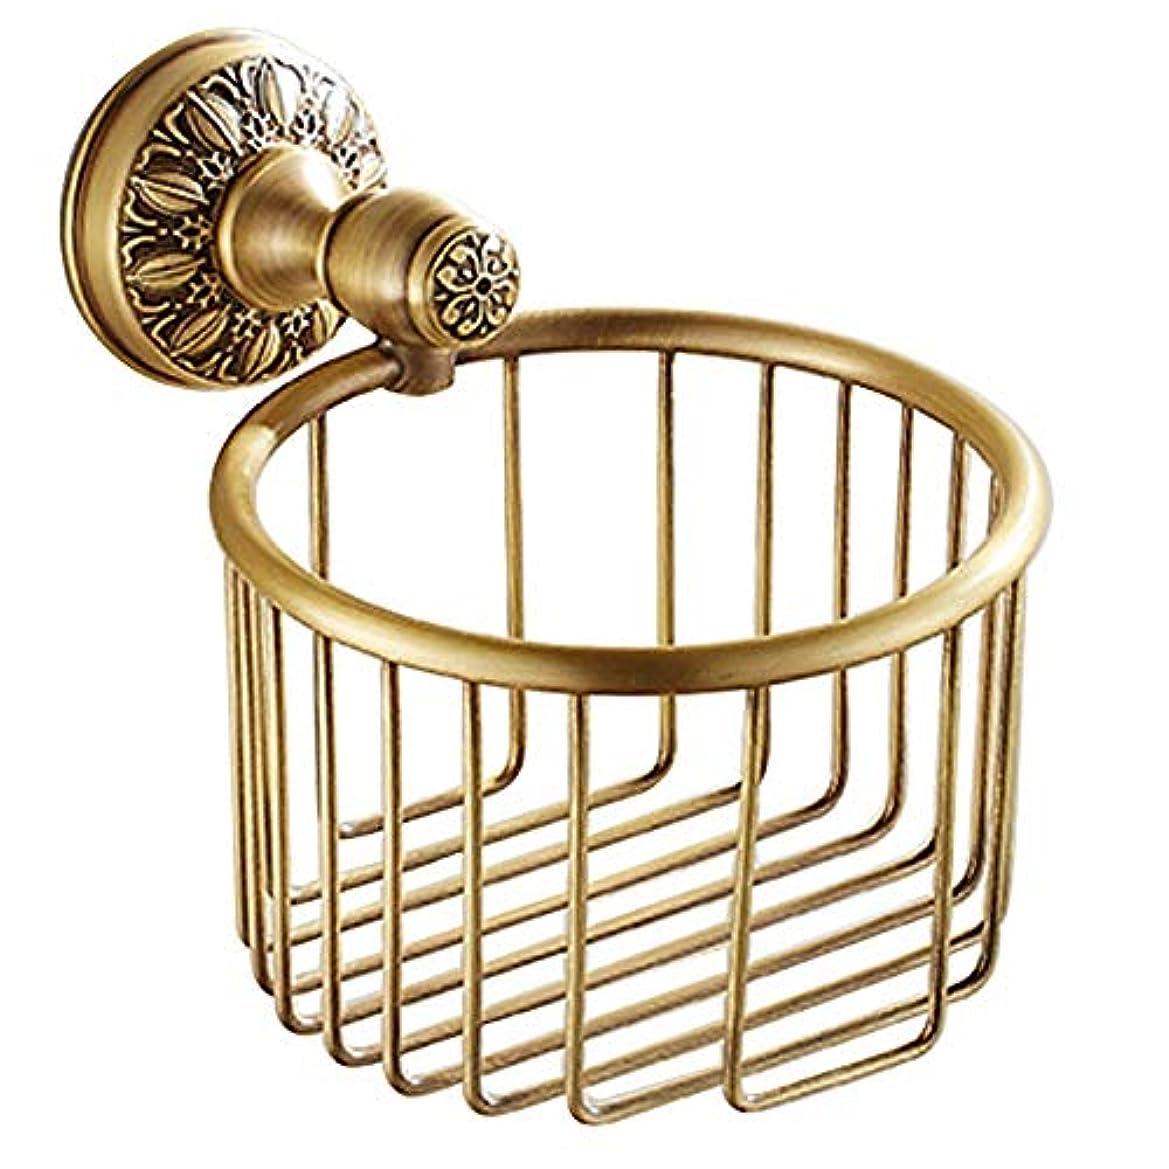 適用済み買い手ワインZZLX 紙タオルホルダー、ヨーロッパスタイルのフル銅模倣アンティークバスルームトイレットペーパータオルホルダー ロングハンドル風呂ブラシ